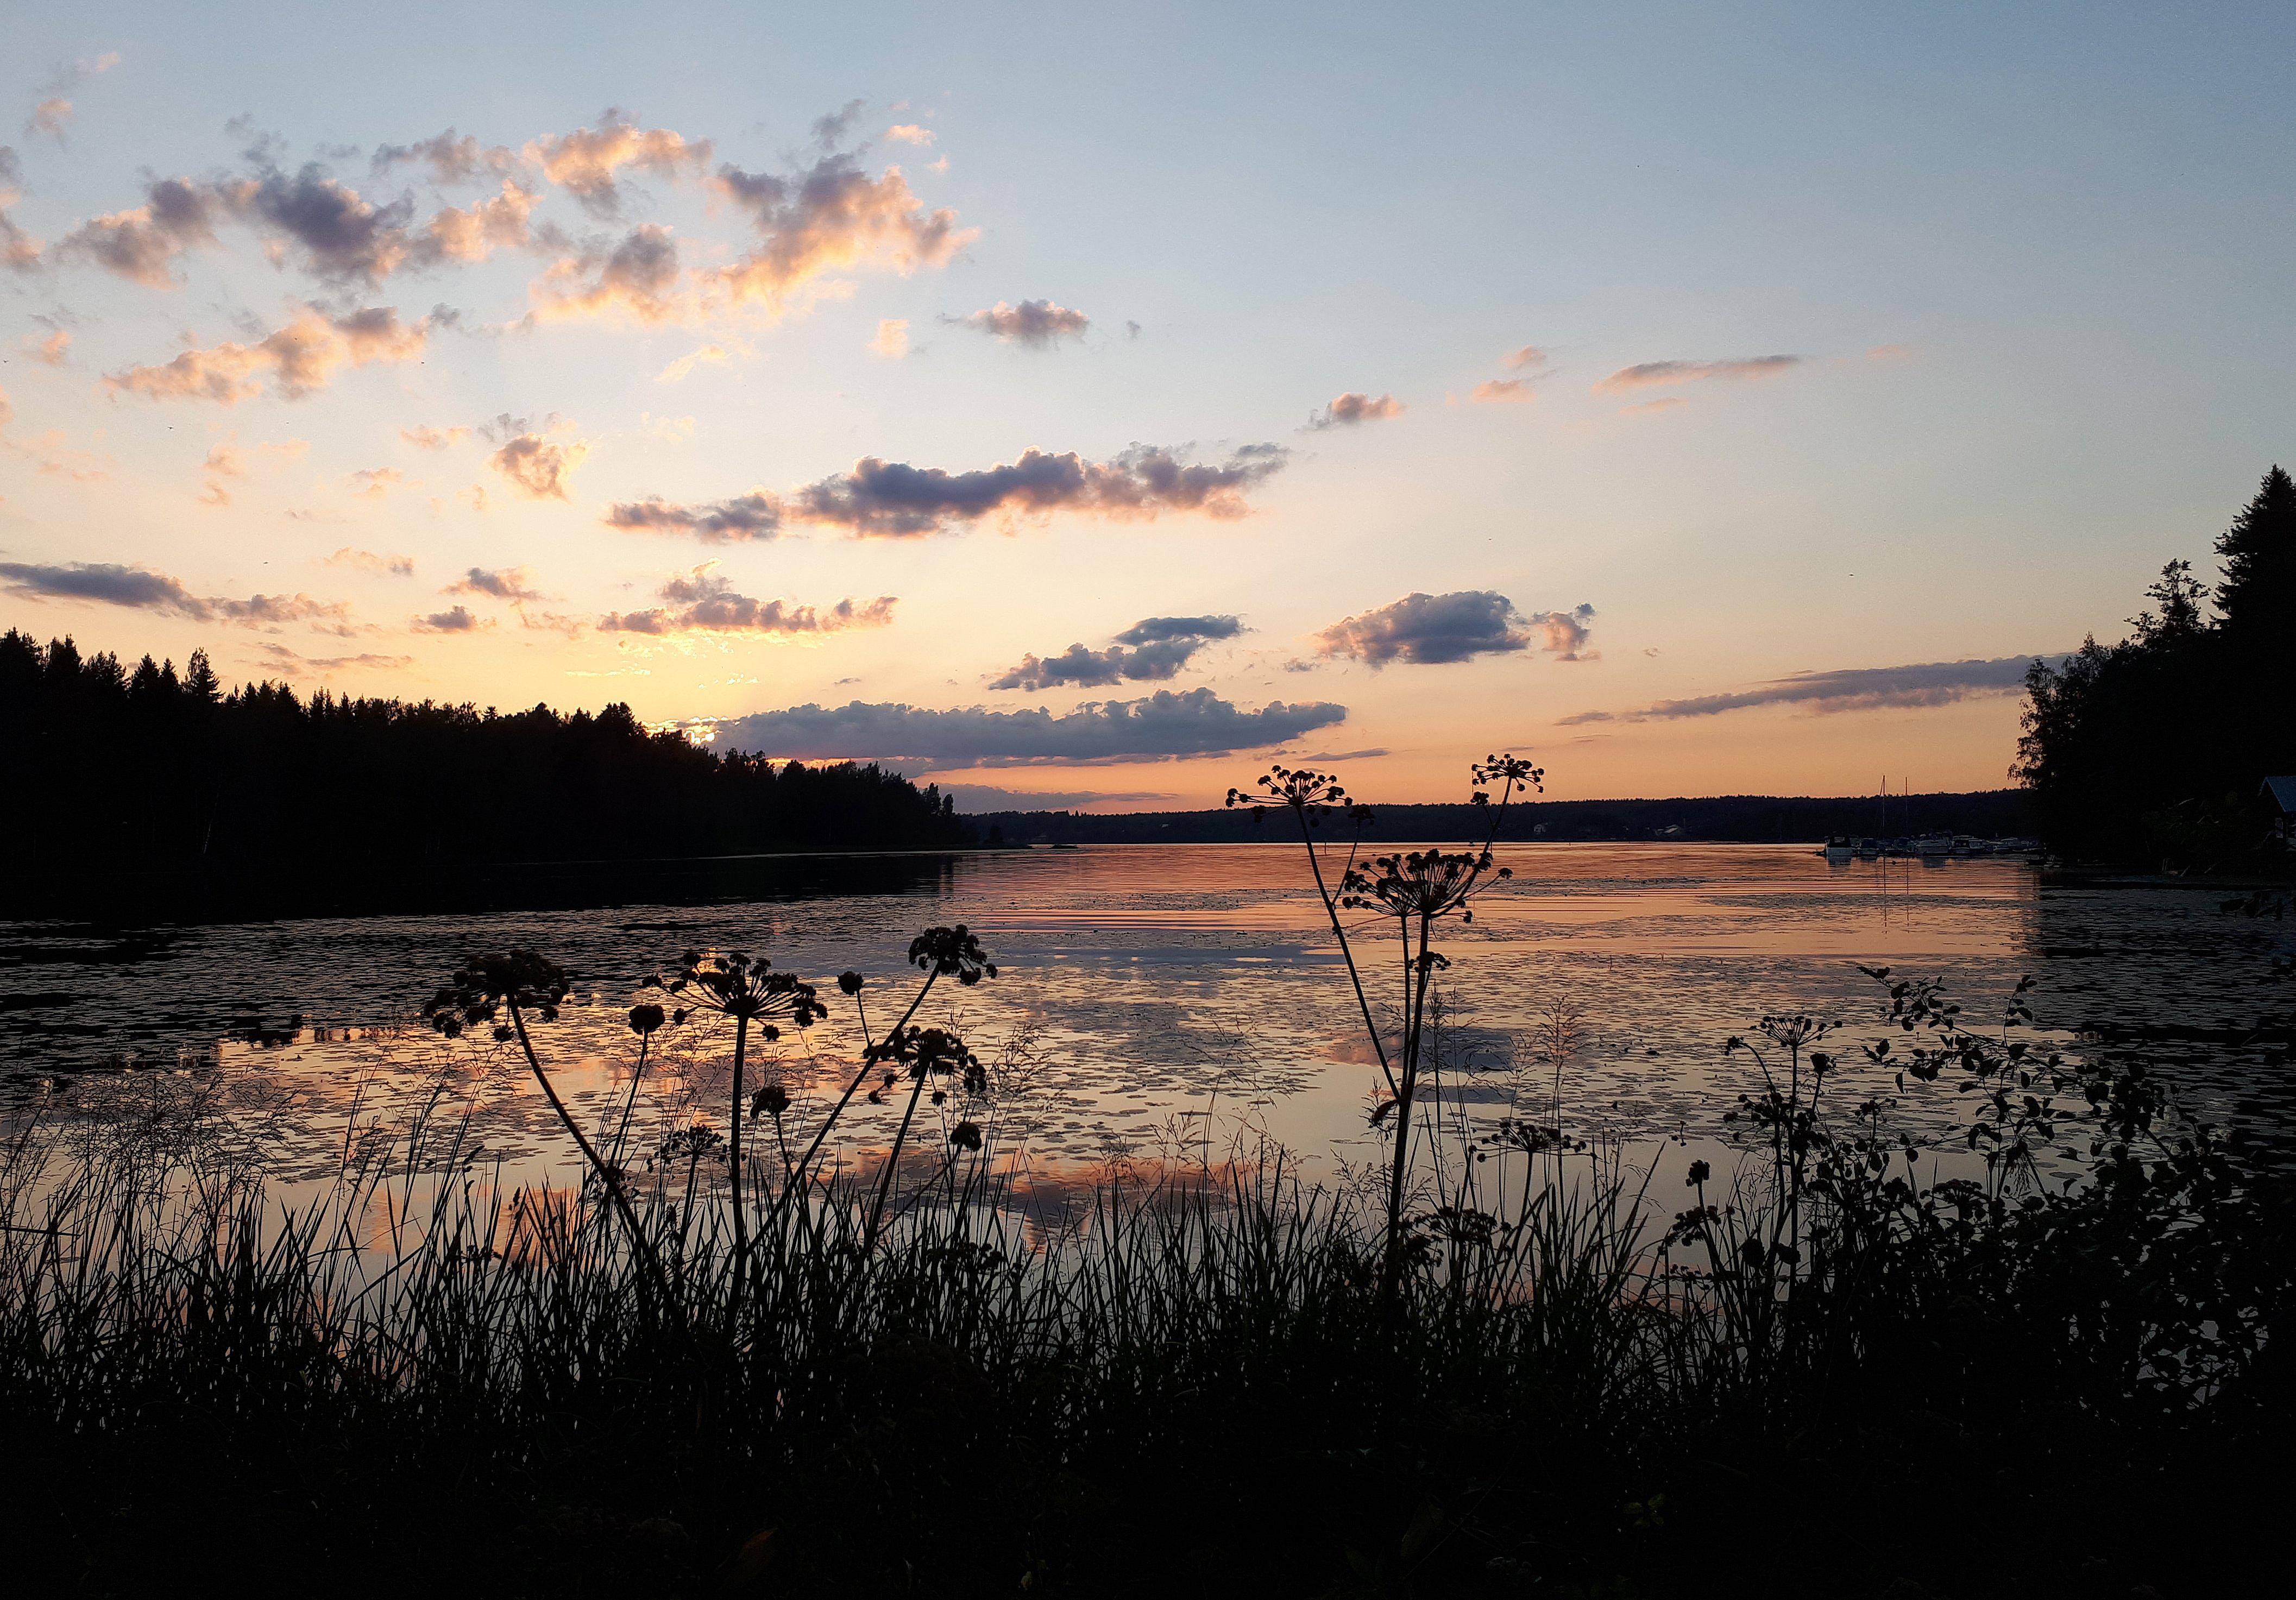 Auringon jälkeen. Kuva: Riitta Kärkkäinen